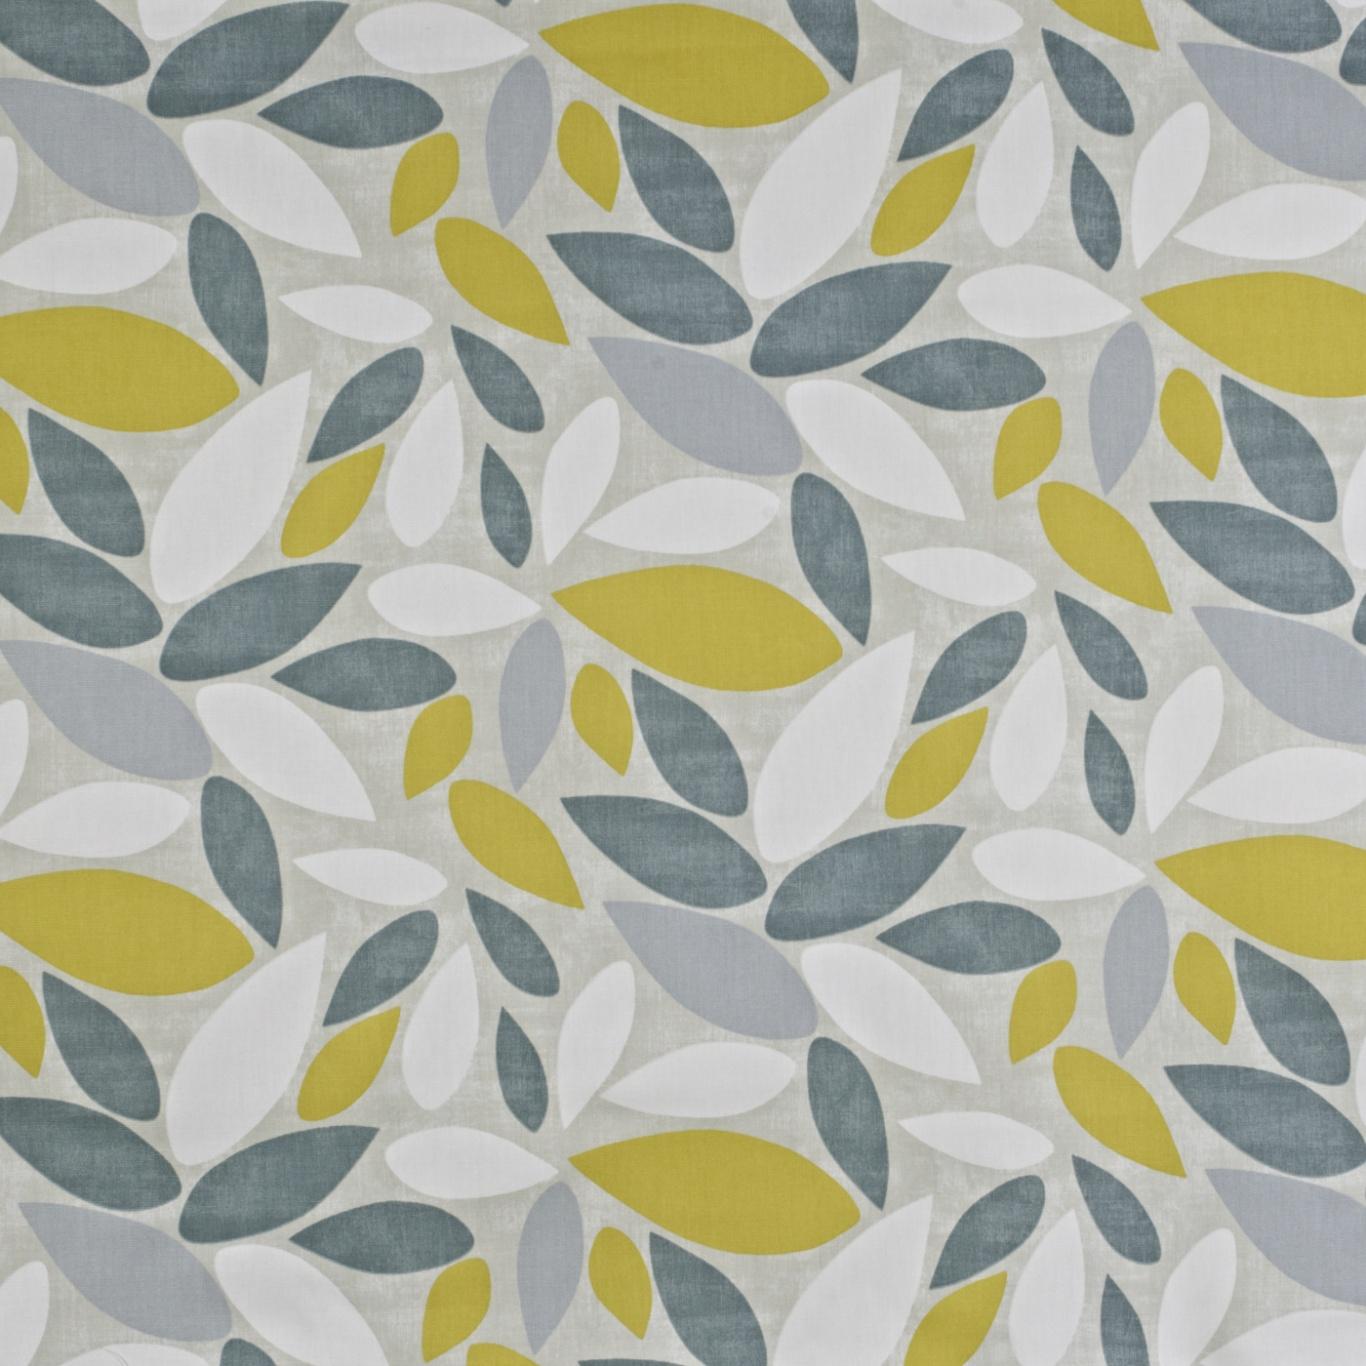 Image of Prestigious Pimlico Saffron Curtain Fabric